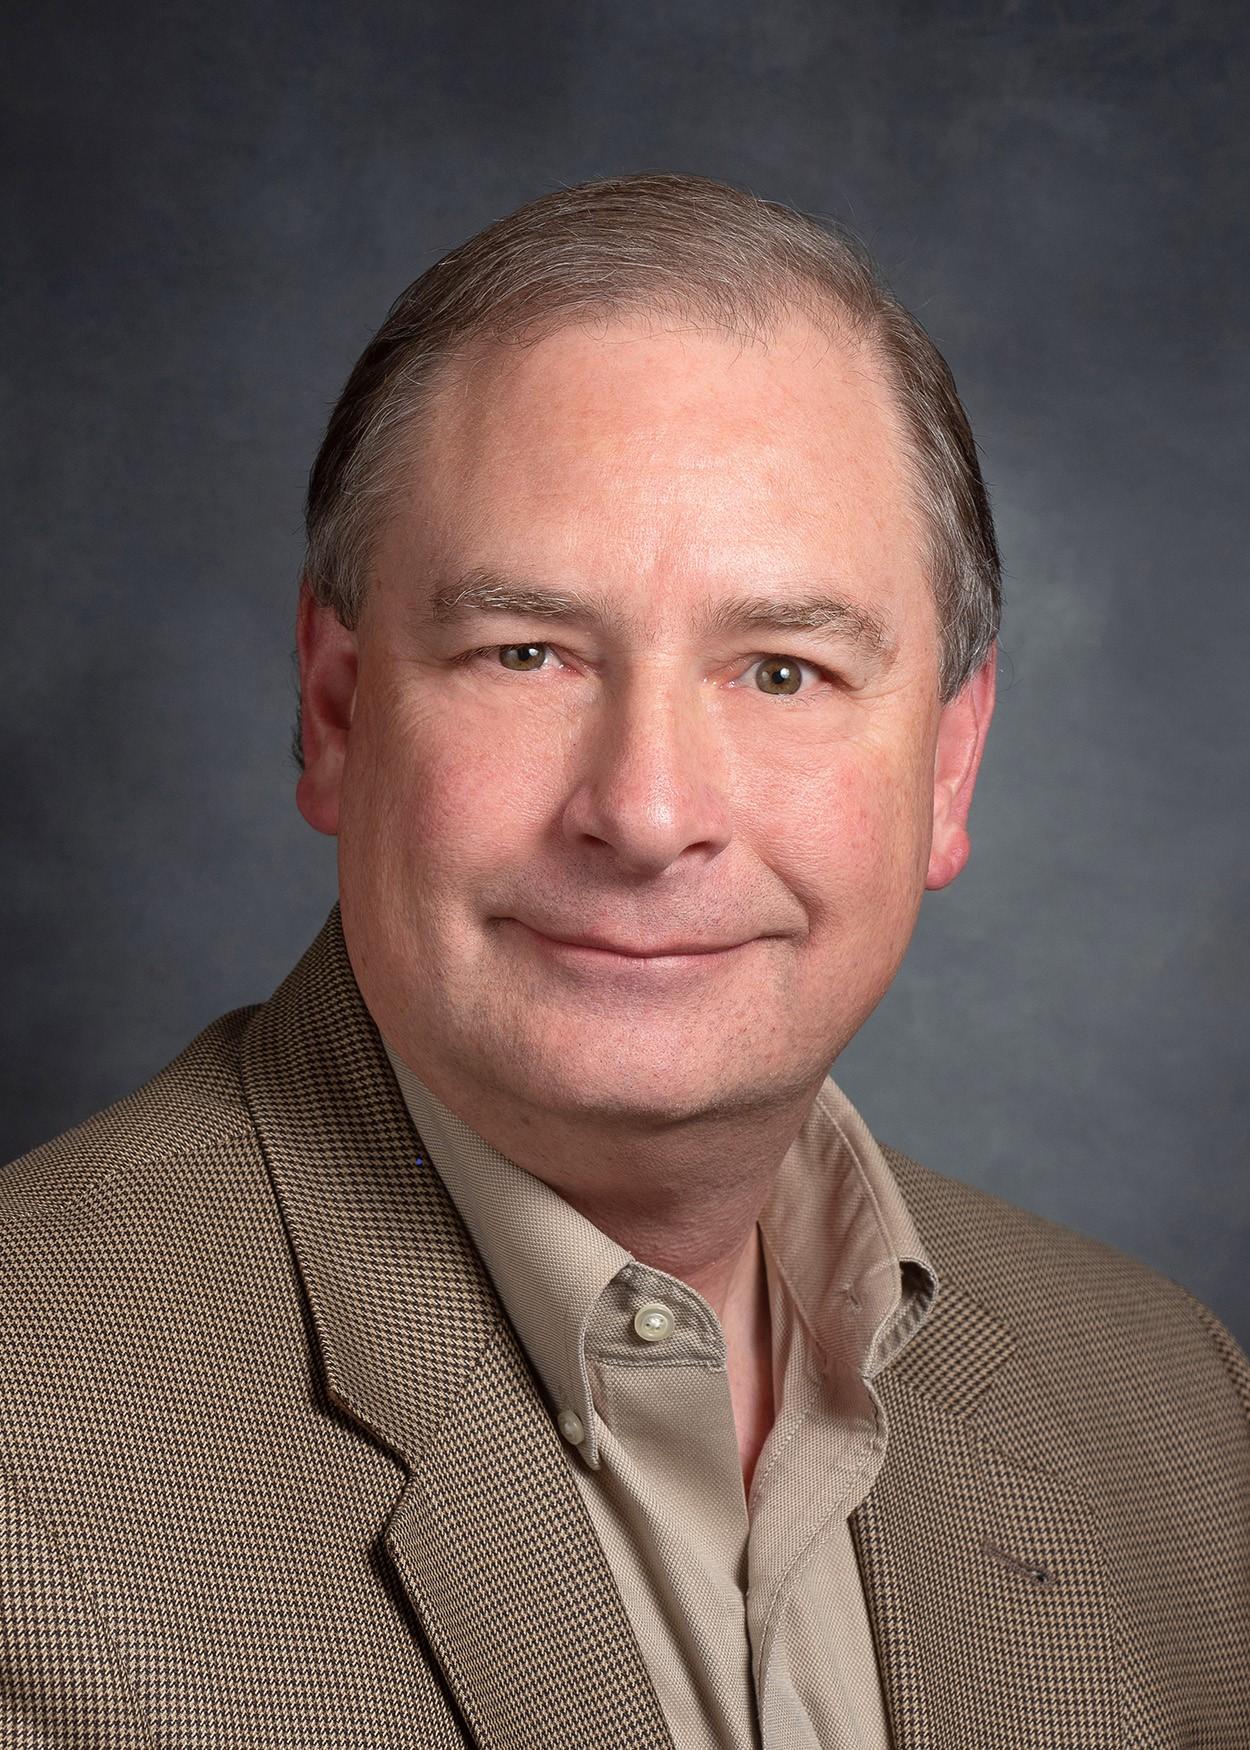 David Hecht, MBA